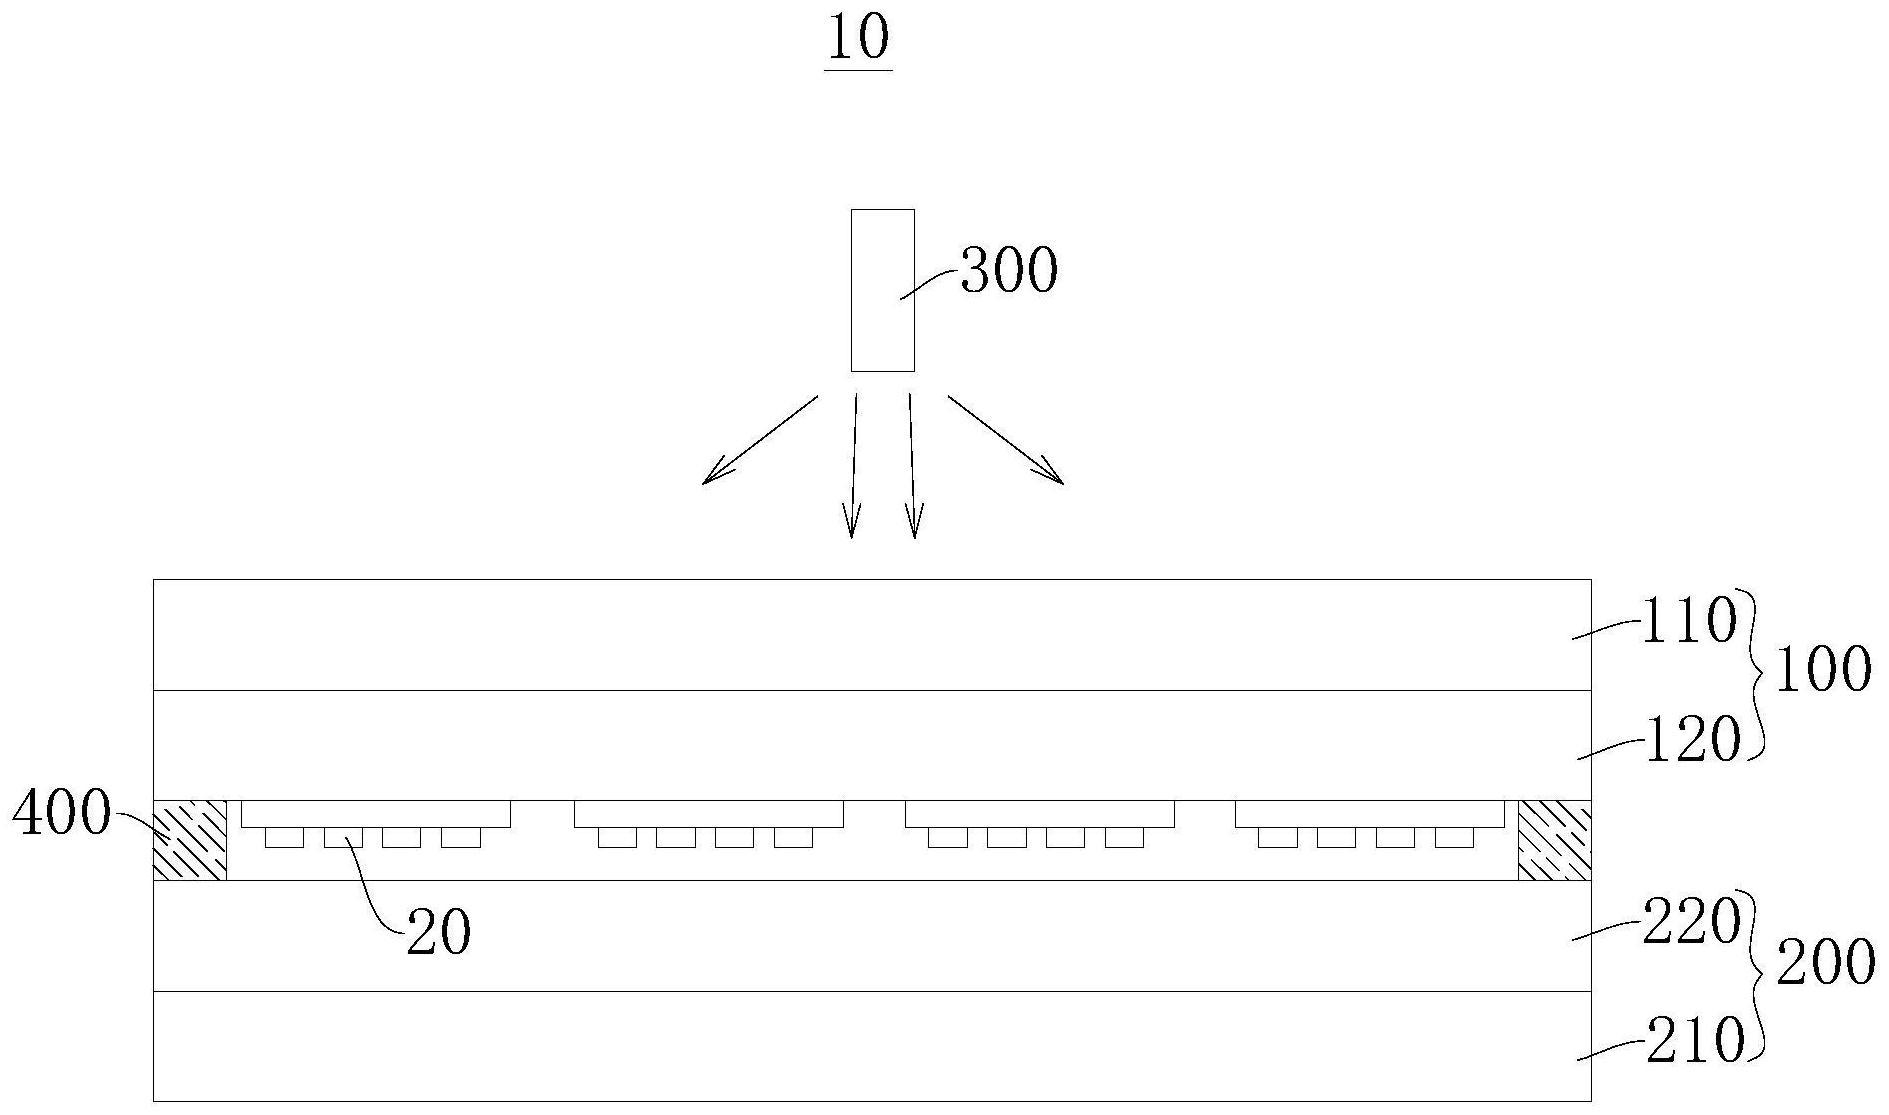 微发光器件的转印装置、转印方法及显示面板